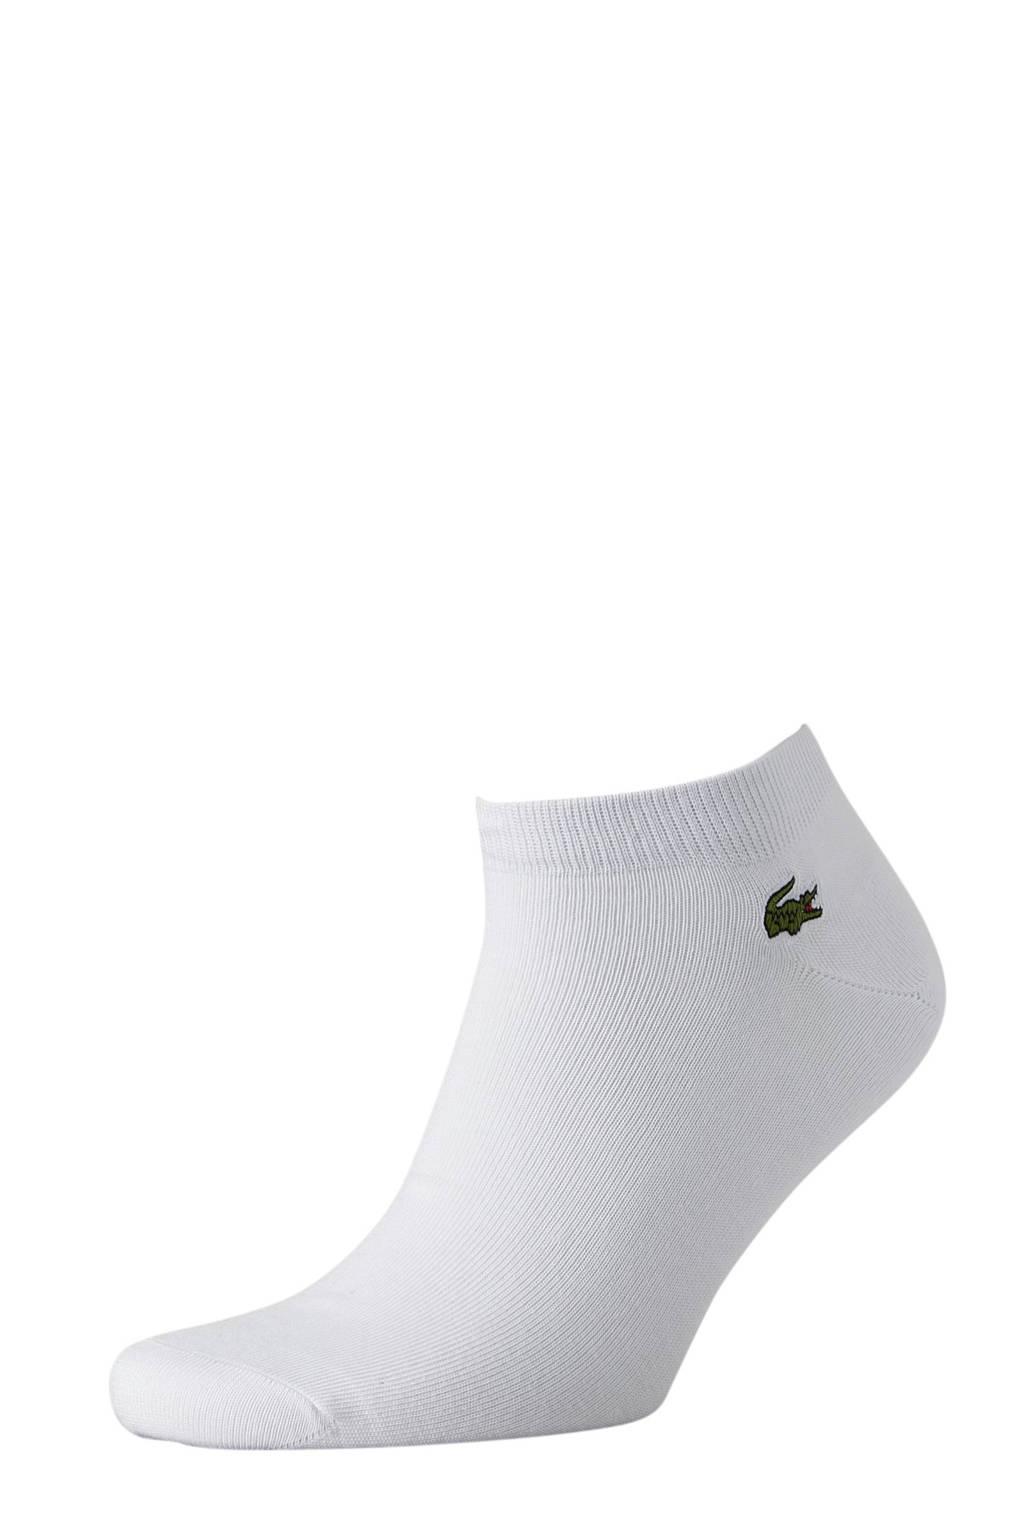 Lacoste   sneakersokken (3 paar) wit, Wit